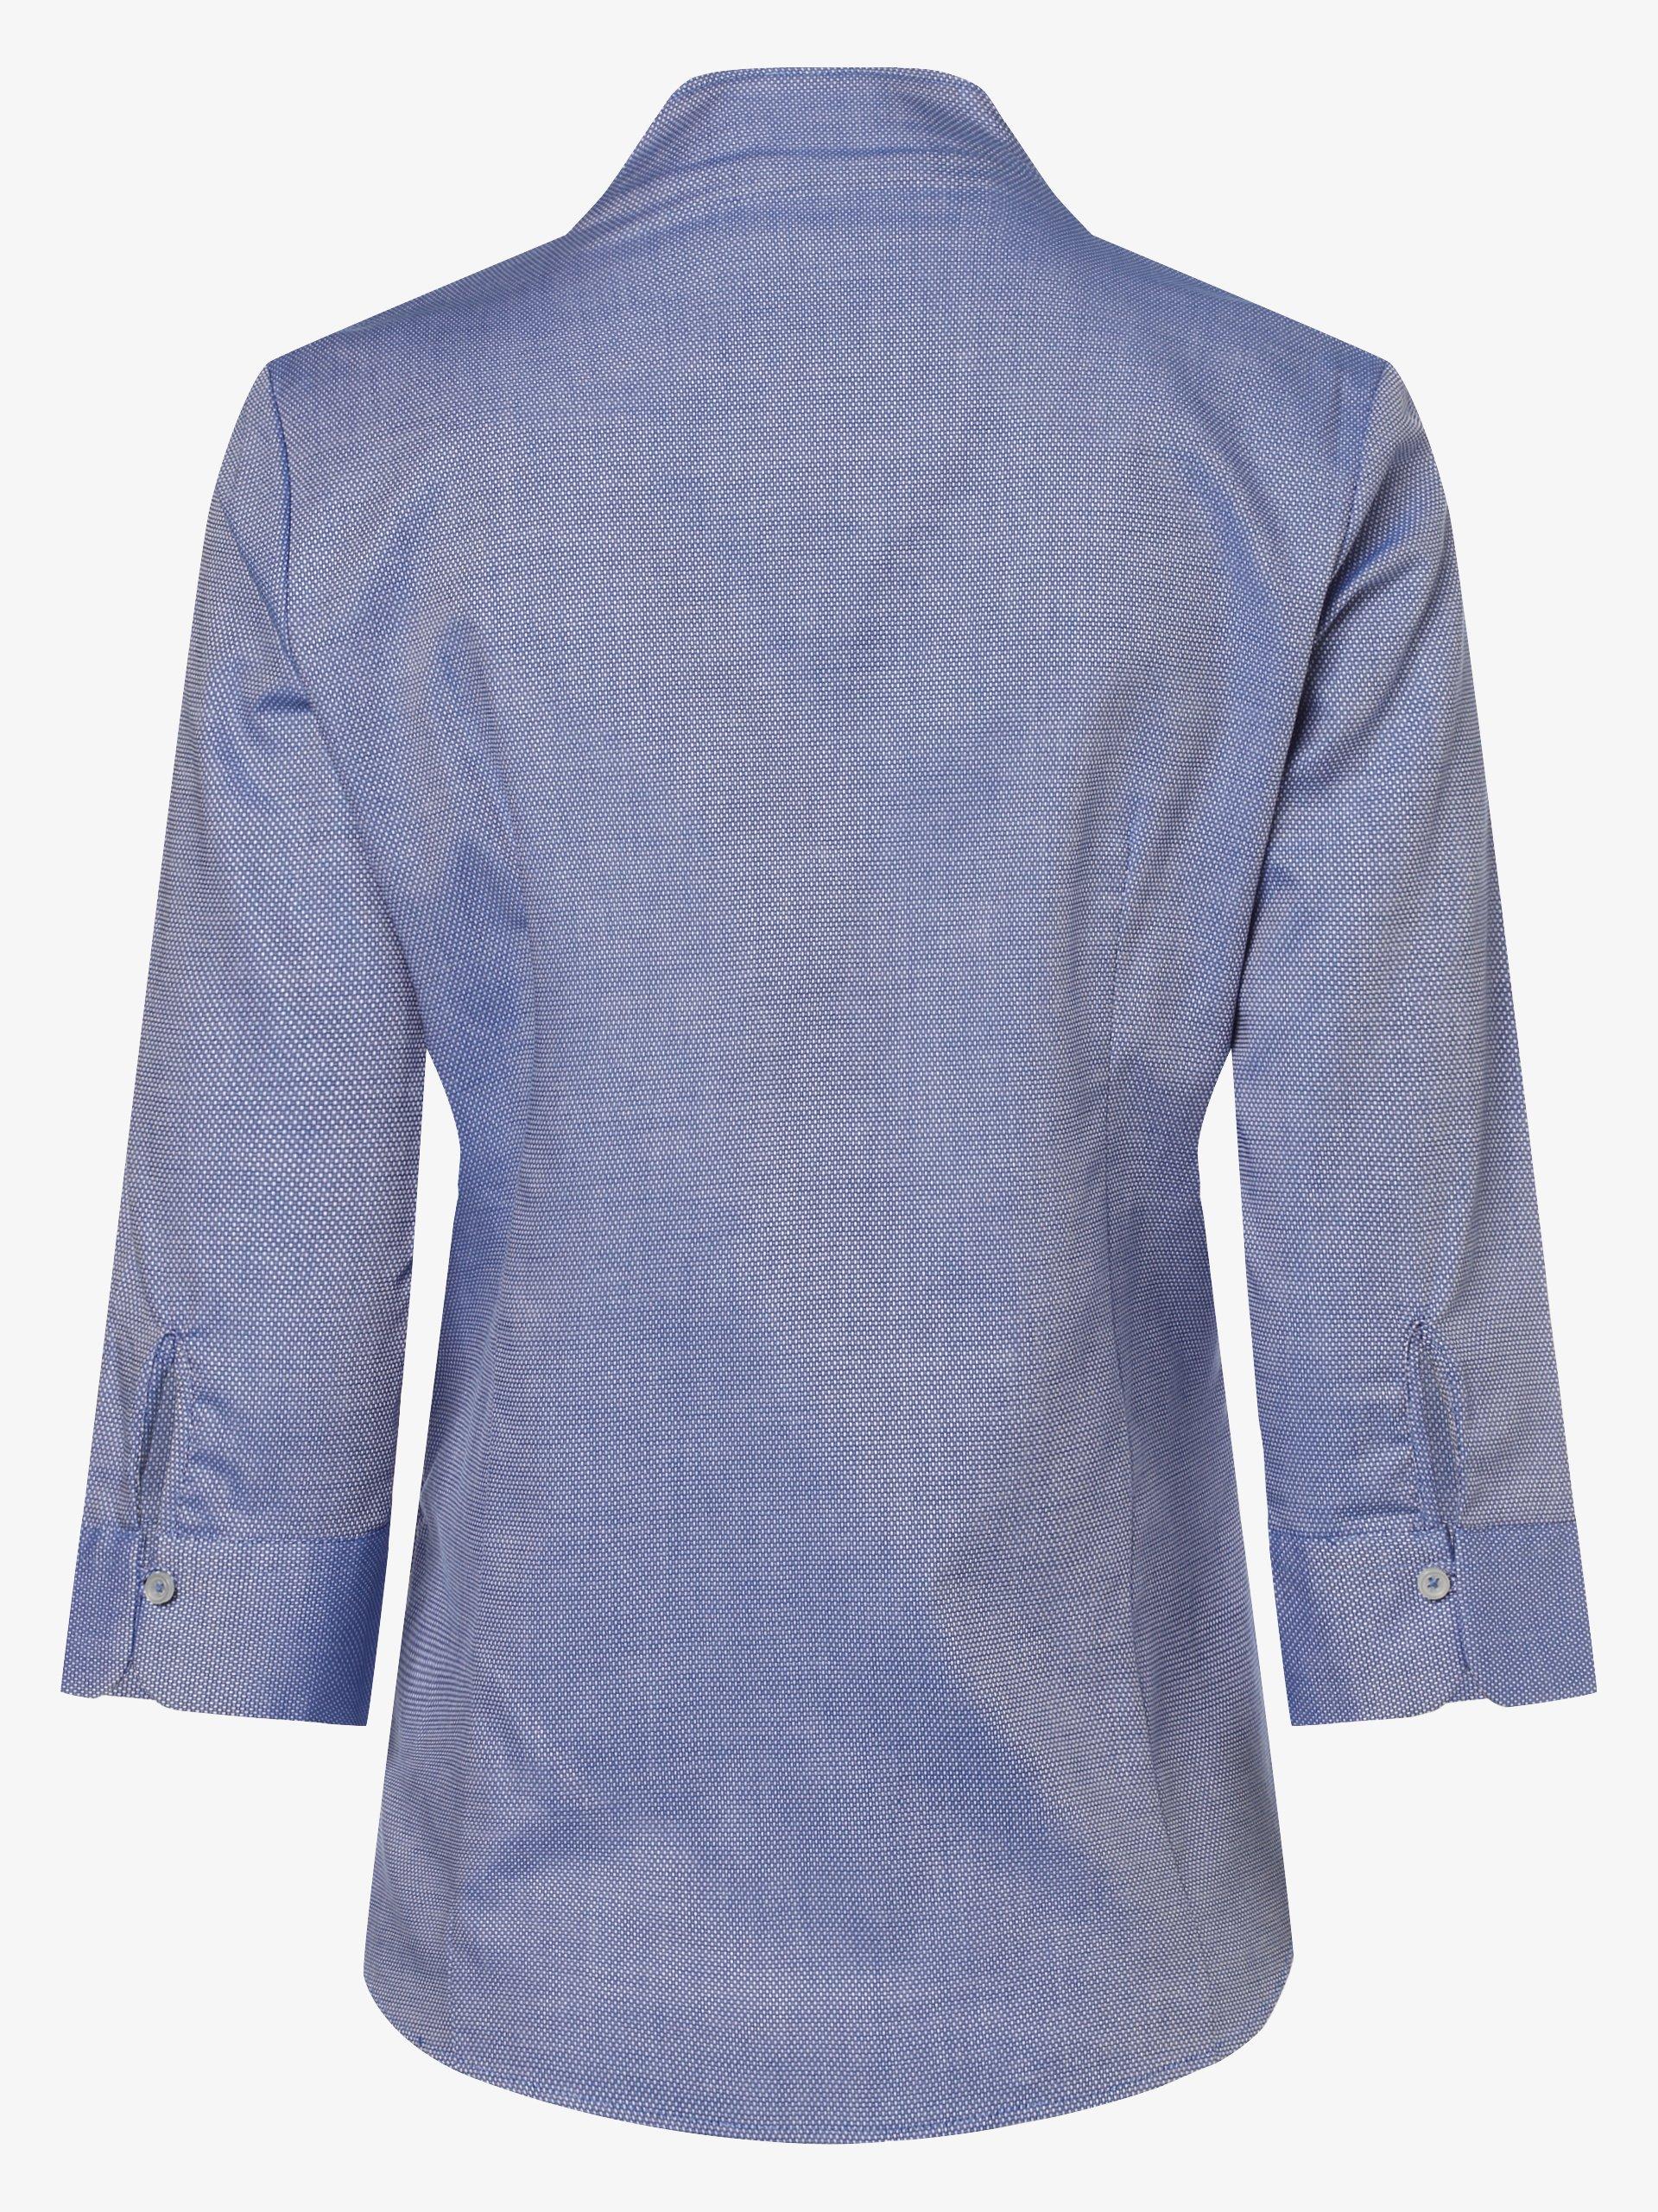 Franco Callegari Damen Bluse Bügelleicht